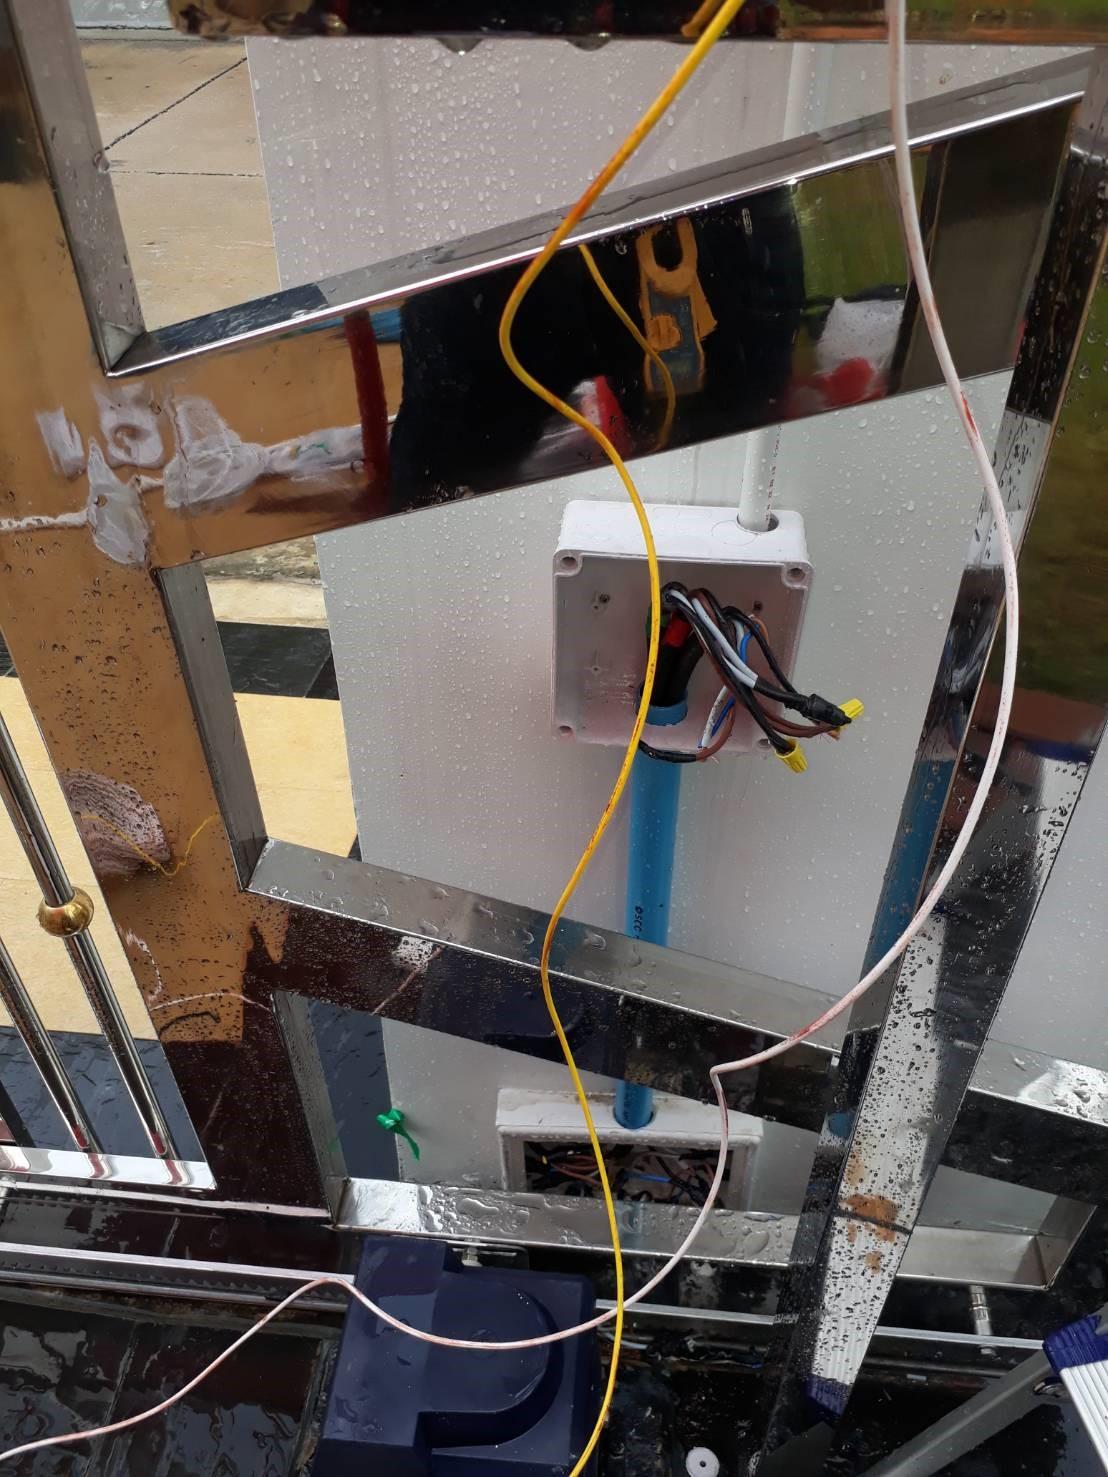 ช่างซ่อม ประปา ไฟฟ้า ปั้มน้ำ วังทองหลาง ด่วน 0882750965 id line: @ckj5753k